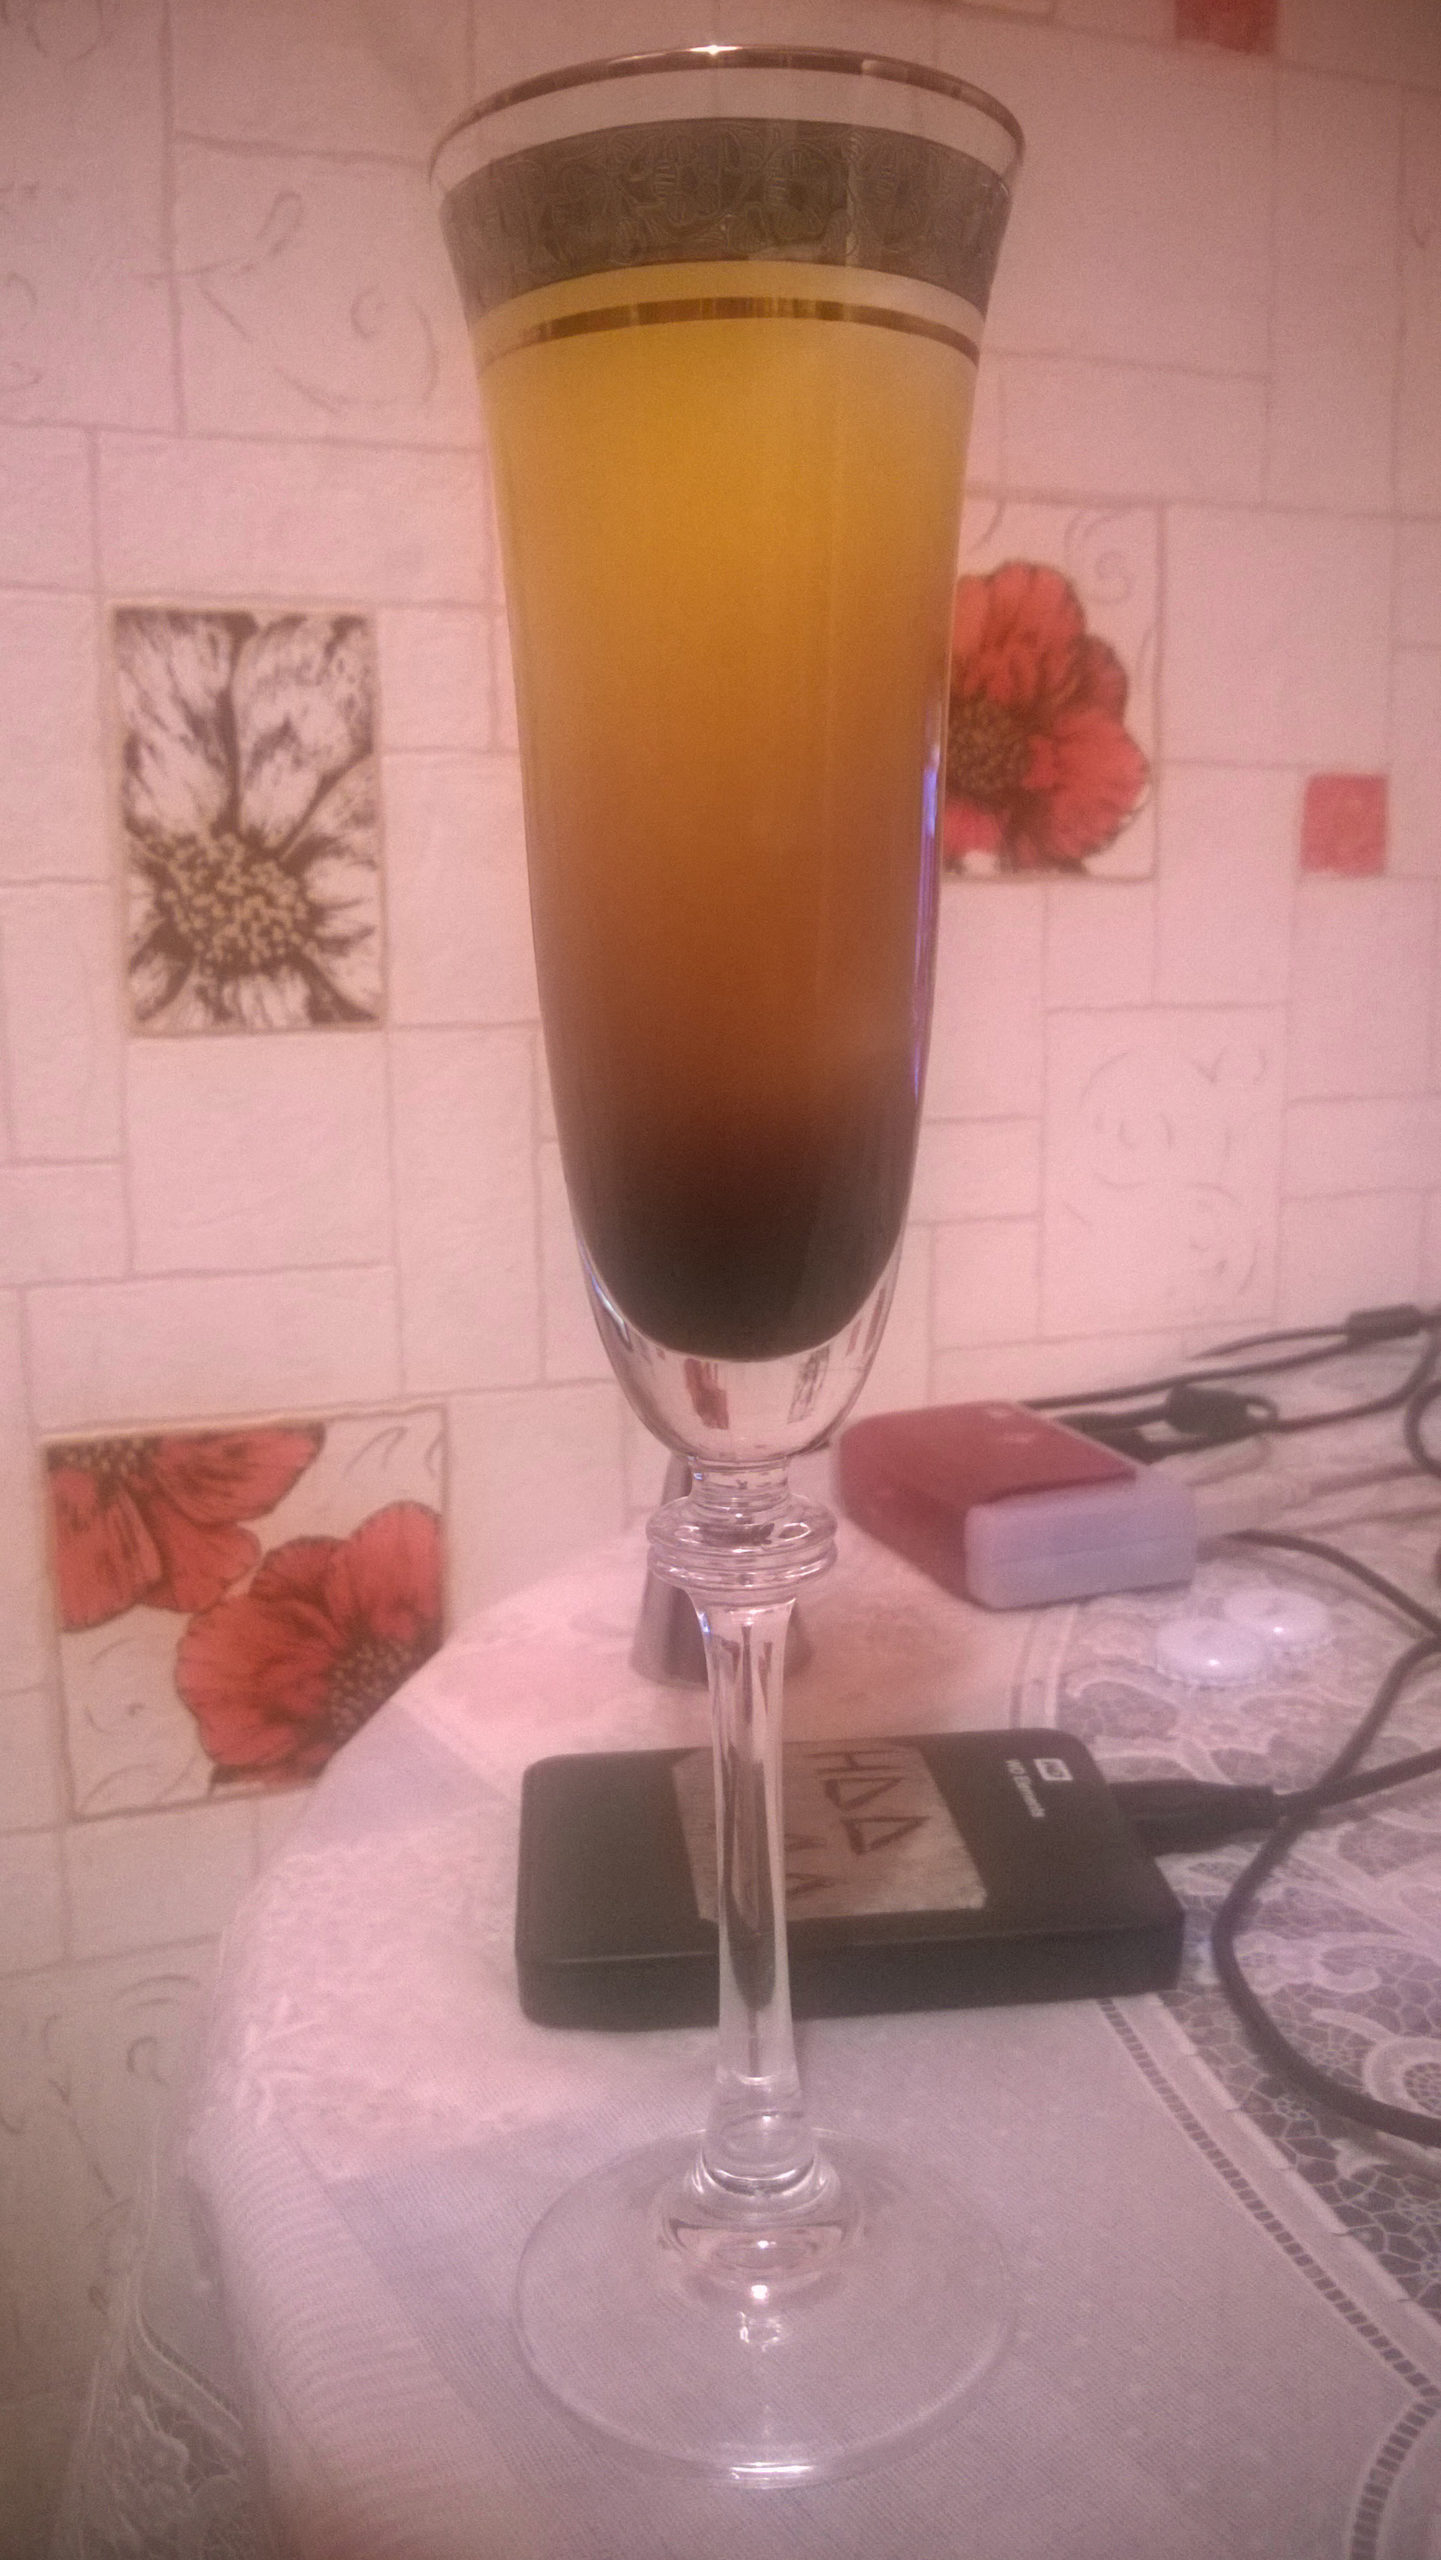 Коктейль Tequila Sunrise, готовый к употреблению, второе фото.